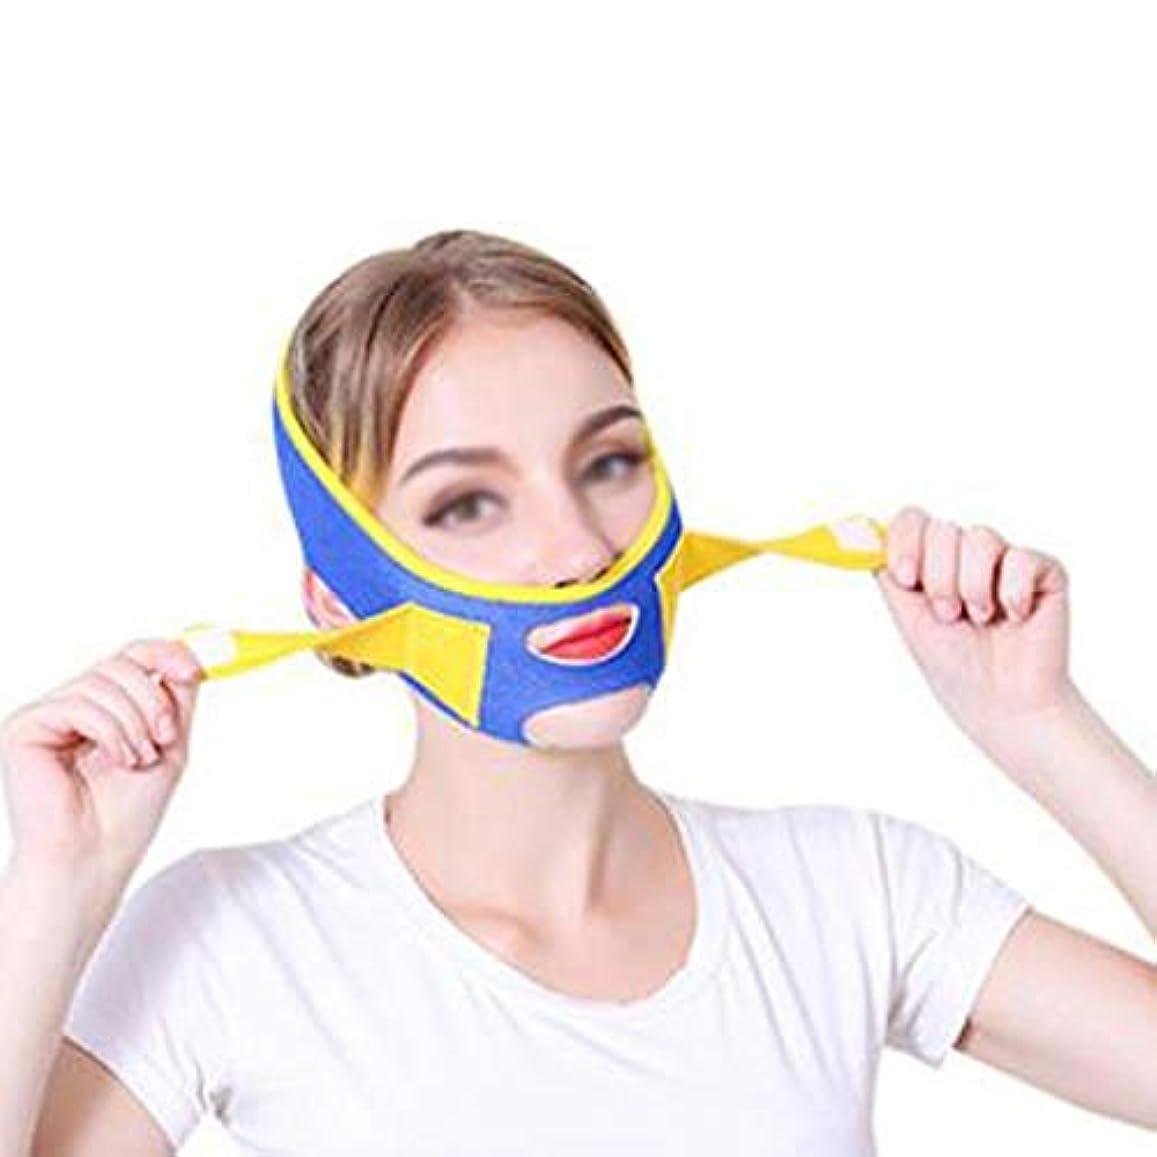 不運しつけ礼儀ZWBD フェイスマスク, リフティングフェイスマスク抗たるみVフェイスリフティング包帯を布布する薄い二重あご通気性睡眠マスクギフト